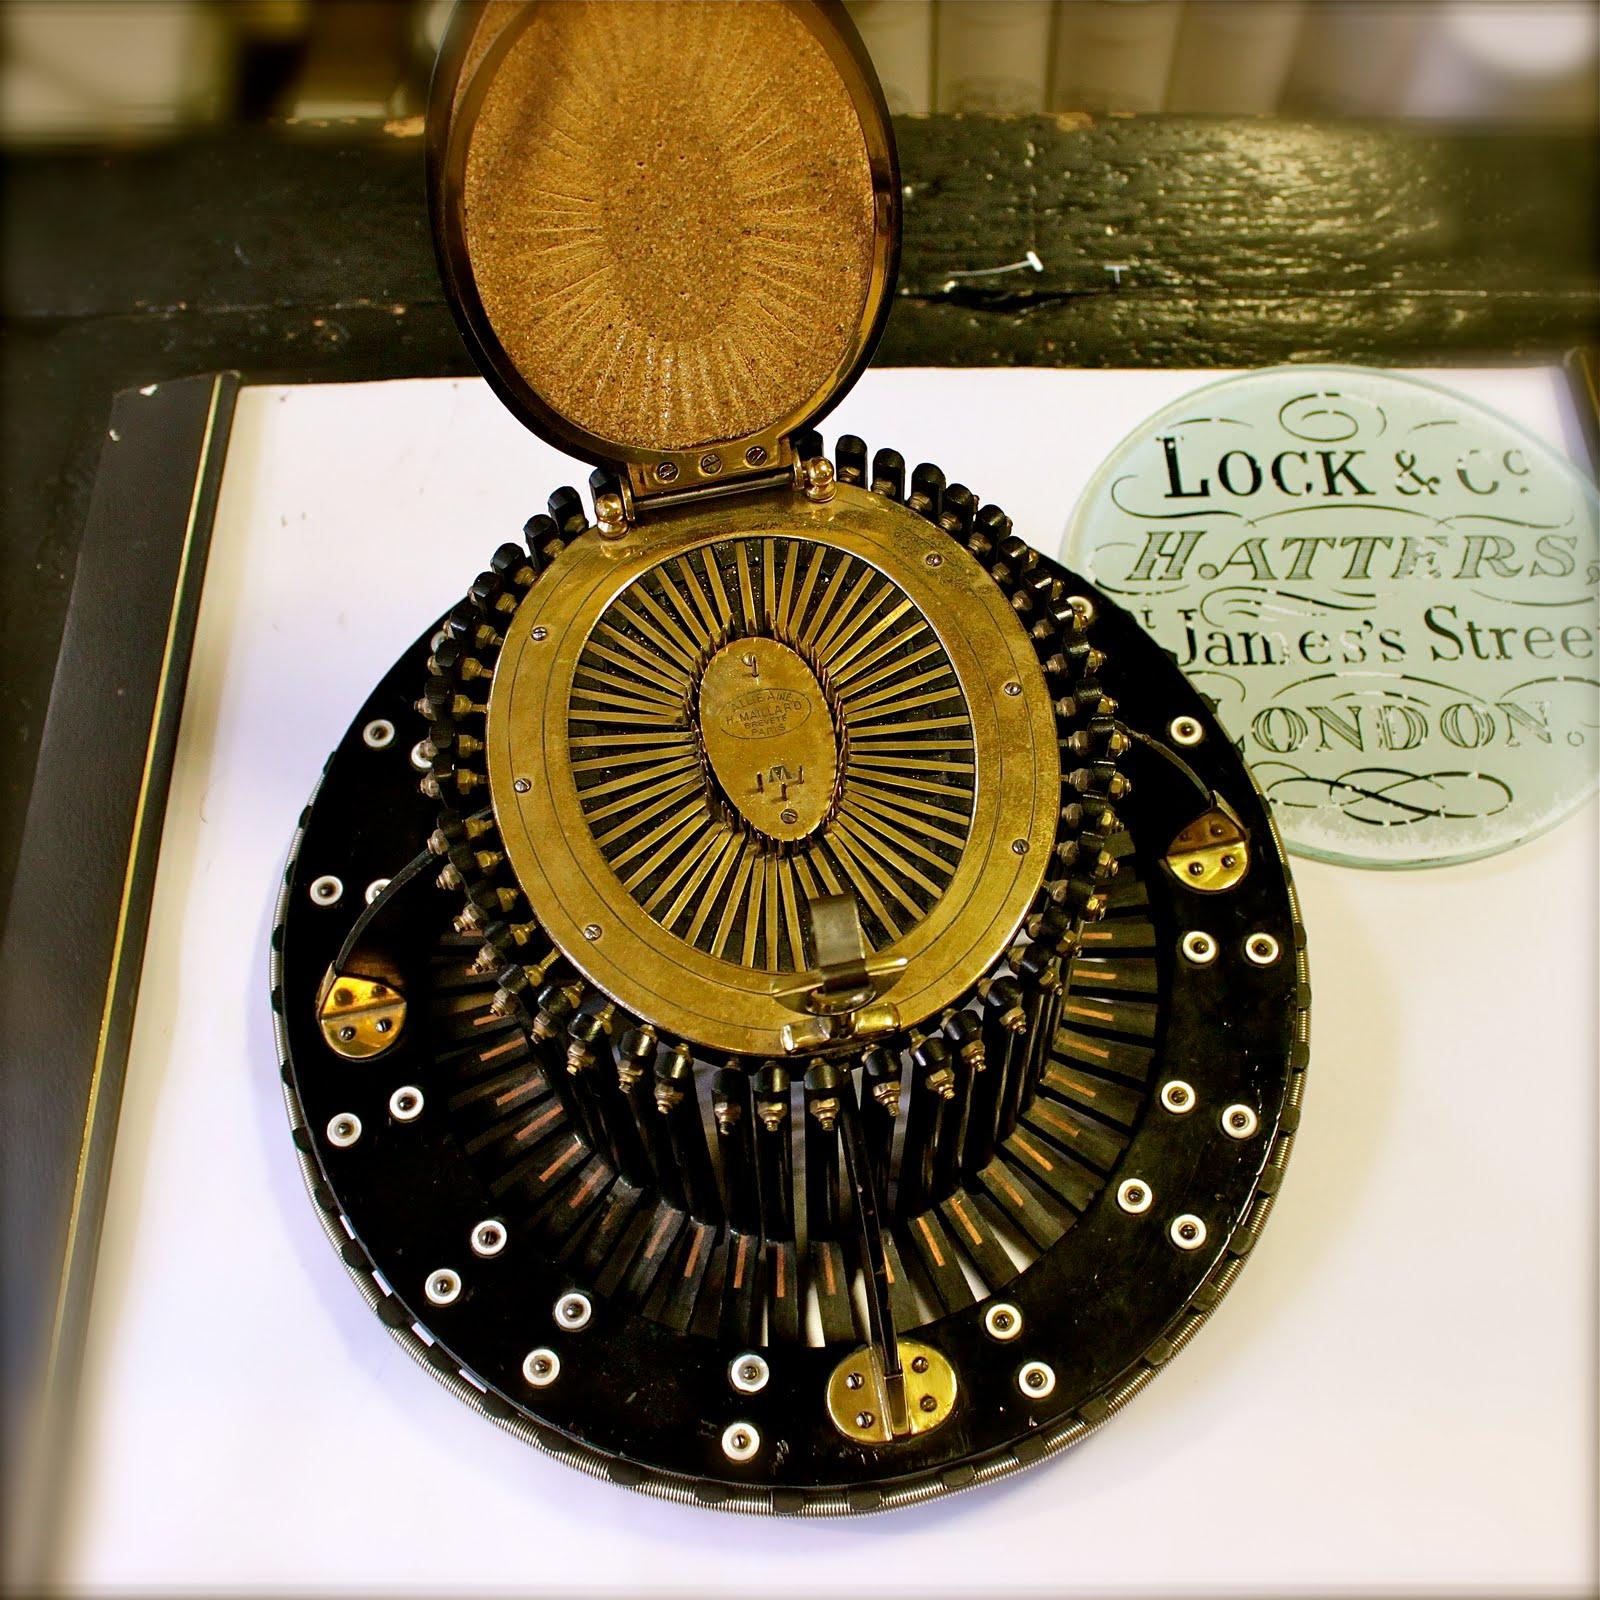 bureau of change locks co hat makers london. Black Bedroom Furniture Sets. Home Design Ideas